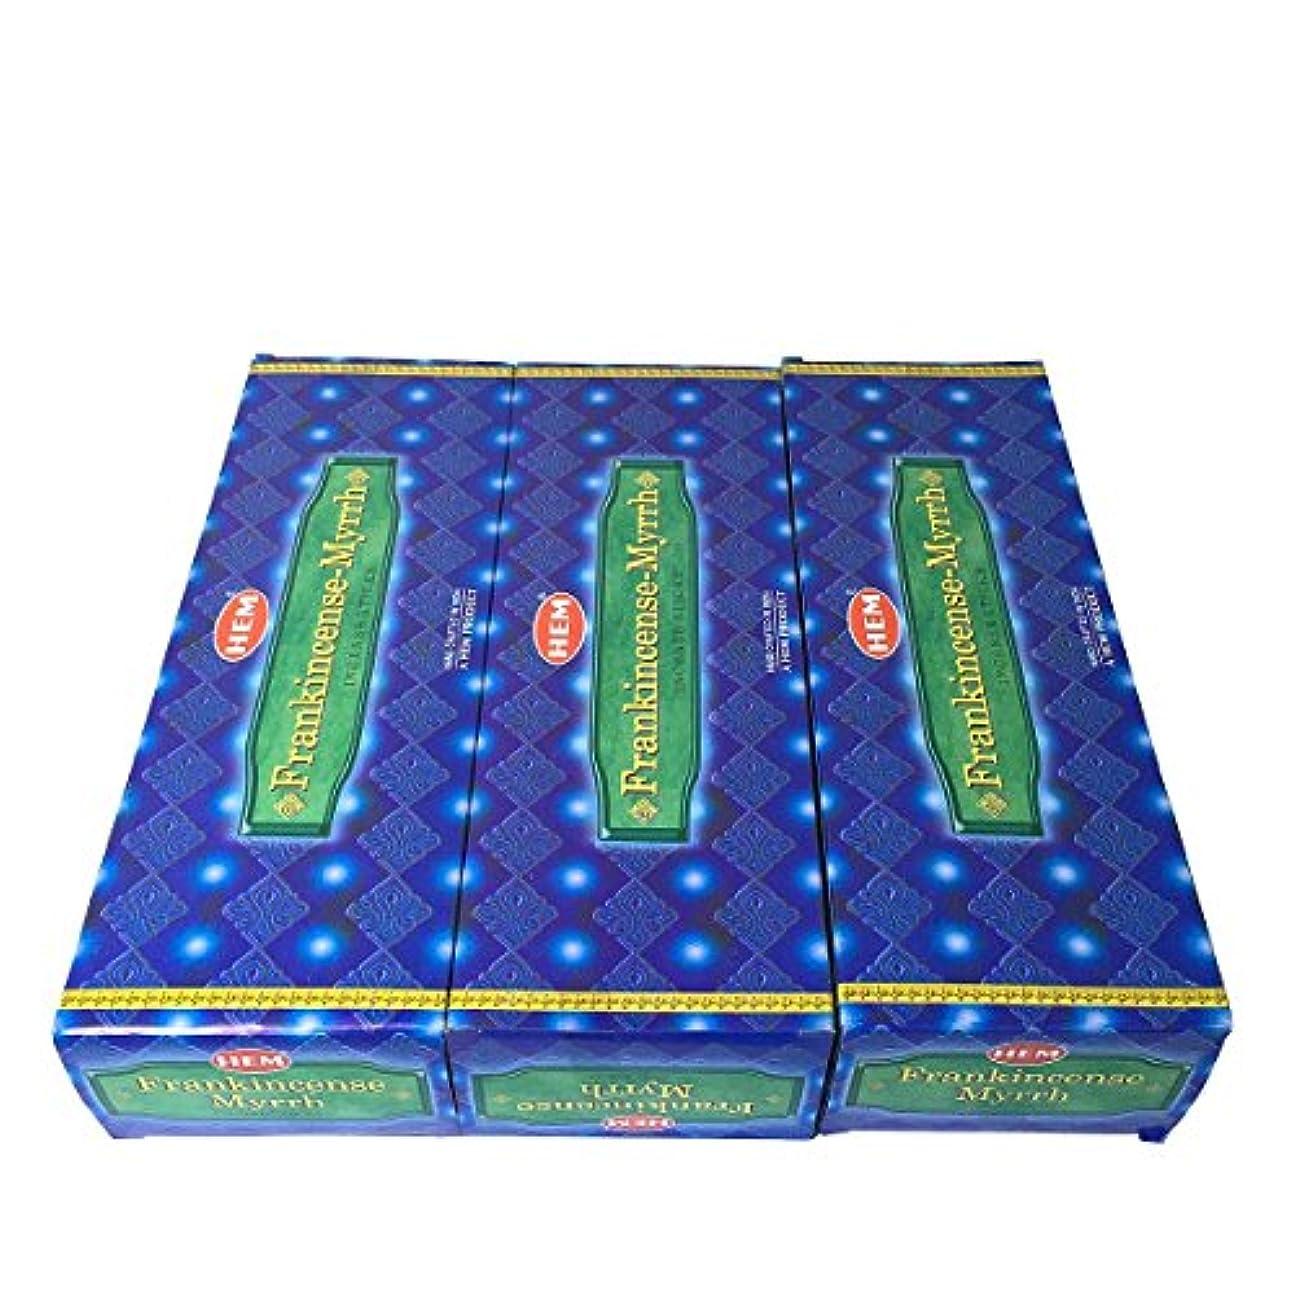 失業噴出する貨物フランキンセンス ミルラ香スティック 3BOX(18箱) /HEM FRANKINCENSE MYRRH/インセンス/インド香 お香 [並行輸入品]